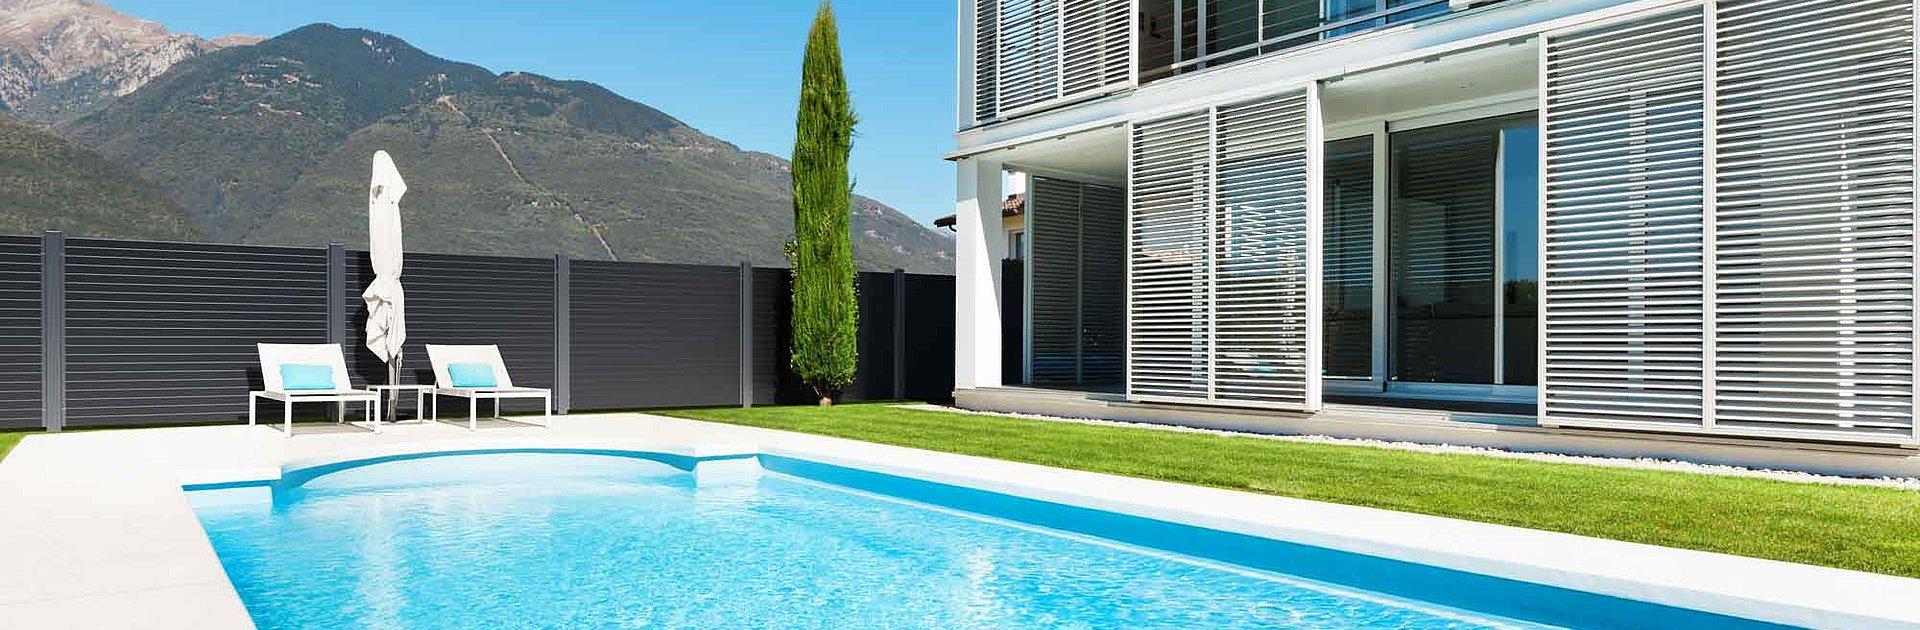 Villa architecturale avec piscine entourée par une clôture moderne en aluminium - vue sur les montagnes